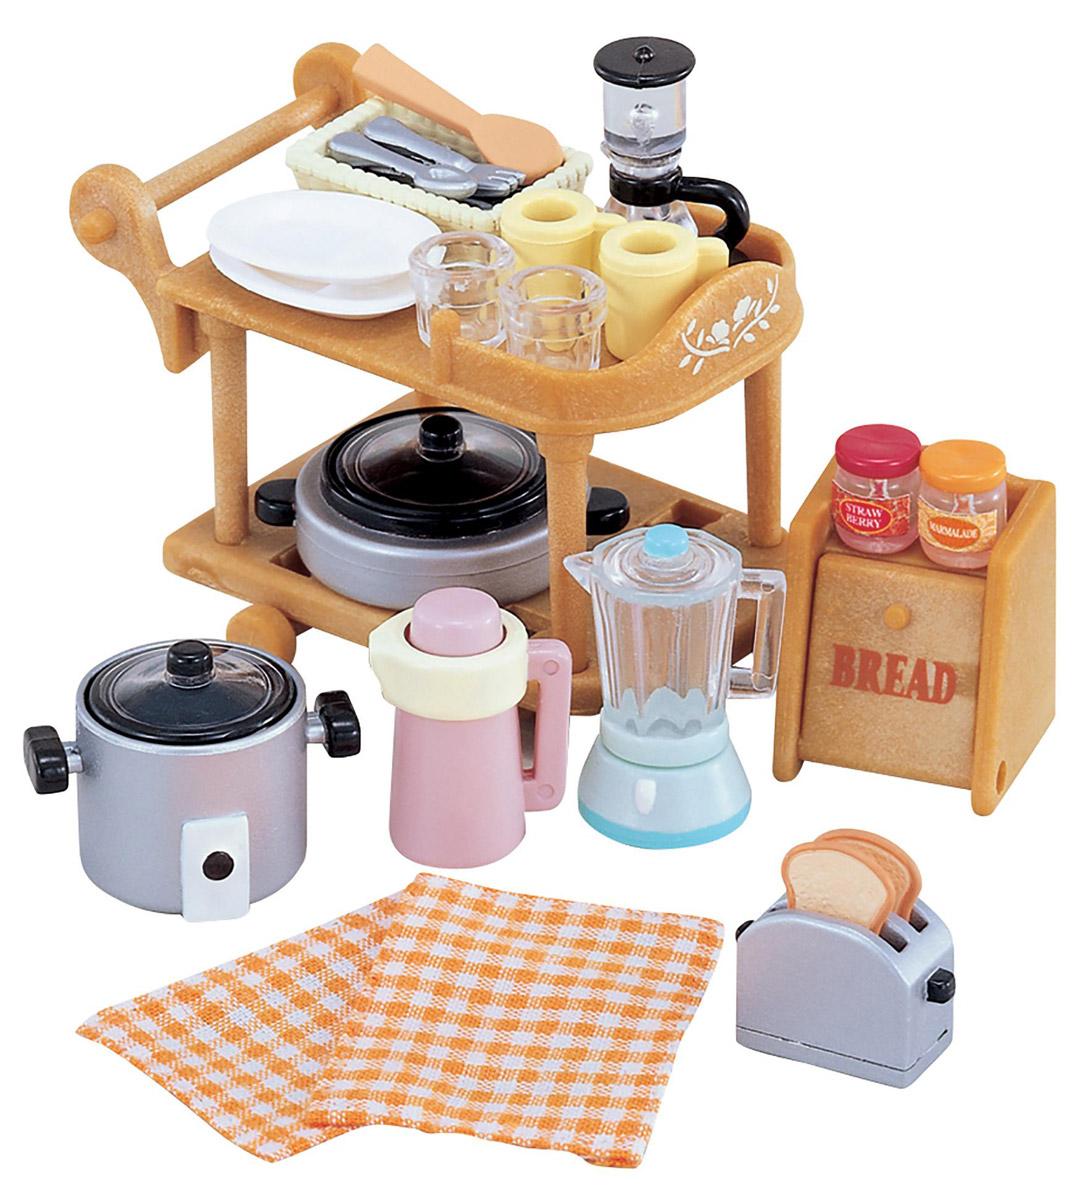 Sylvanian Families Игровой набор Кухонная посуда2819Игровой набор Sylvanian Families Кухонная посуда привлечет внимание вашей малышки и не позволит ей скучать. Набор включает в себя тележку для кухонной посуды, кастрюли, блендер, тостер, хлебницу и другие кухонные приборы и принадлежности. Ваша малышка будет часами играть с набором, придумывая различные истории. Sylvanian Families - это целый мир маленьких жителей, объединенных общей легендой. Жители страны Sylvanian Families - это кролики, белки, медведи, лисы и многие другие. У каждого из них есть дом, в котором есть все необходимое для счастливой жизни. В городе, где живут герои, есть школа, больница, рынок, пекарня, детский сад и множество других полезных объектов. Жители этой страны живут семьями, в каждой из которой есть дети. В домах Sylvanian Families царит уют и гармония. Домашние животные радуют хозяев. Здесь продумана каждая мелочь, от одежды до мебели и аксессуаров.